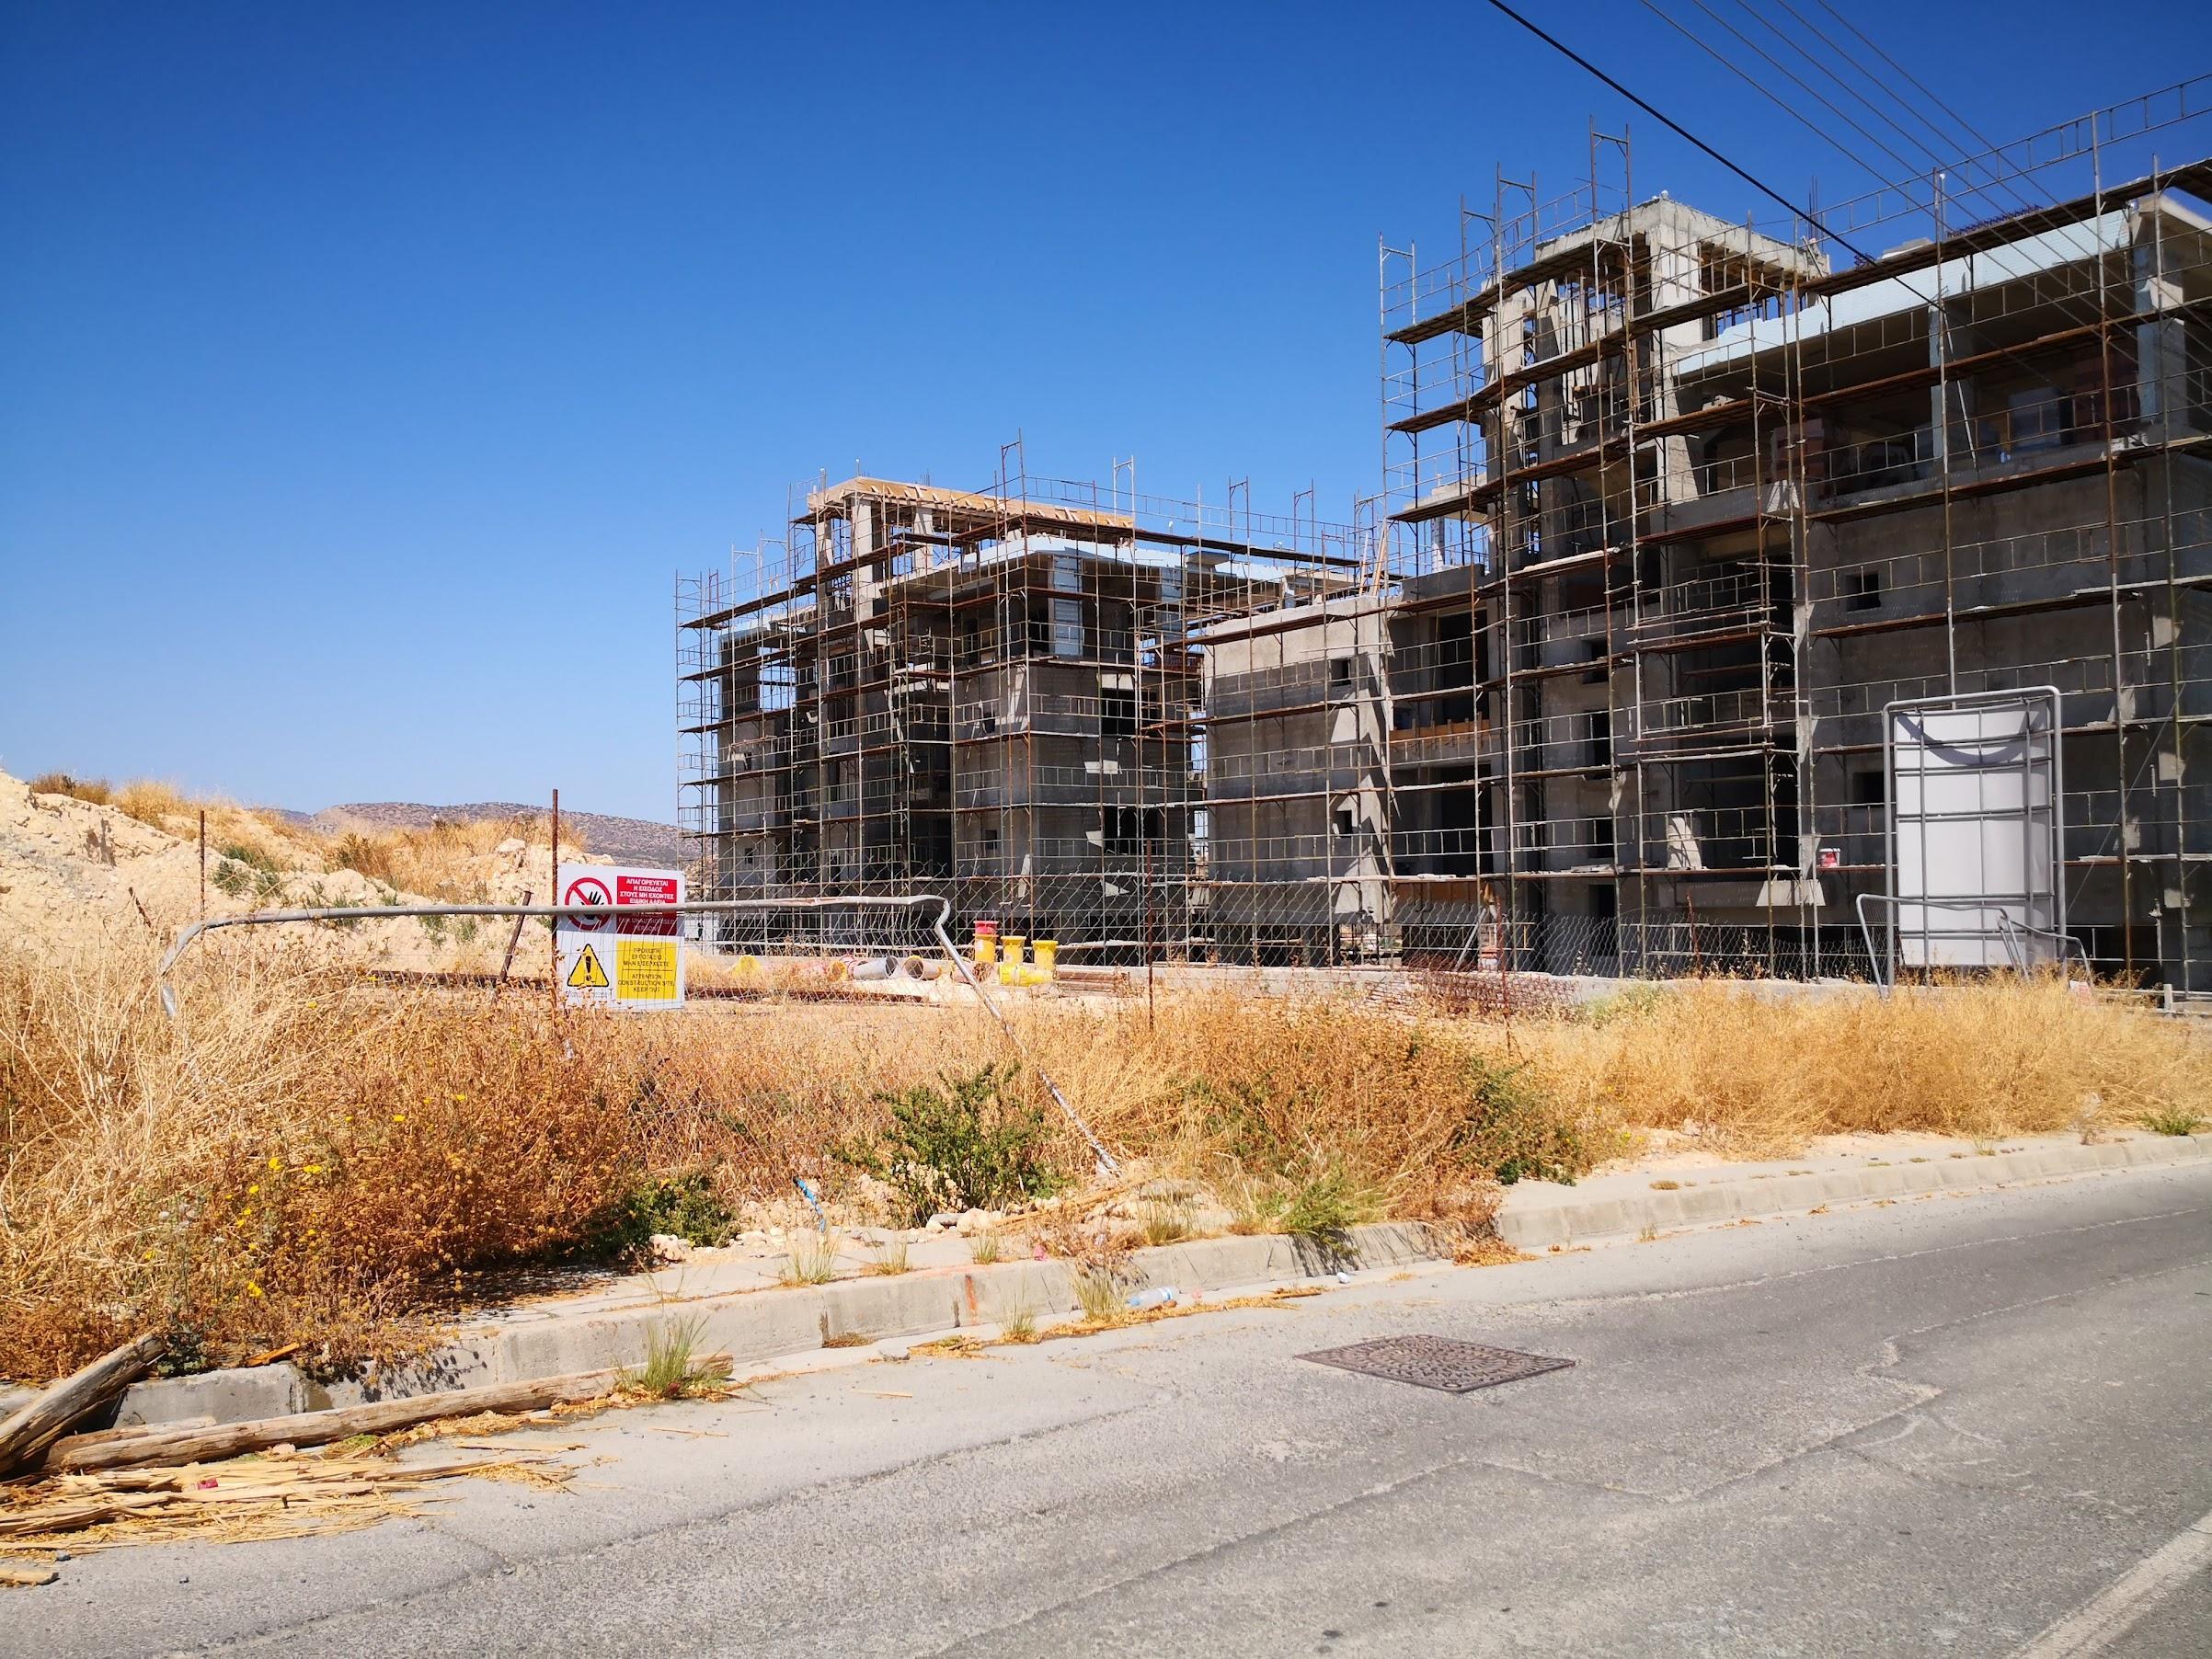 Повышение цен на стройматериалы вызывает обеспокоенность со стороны участников рынка недвижимости